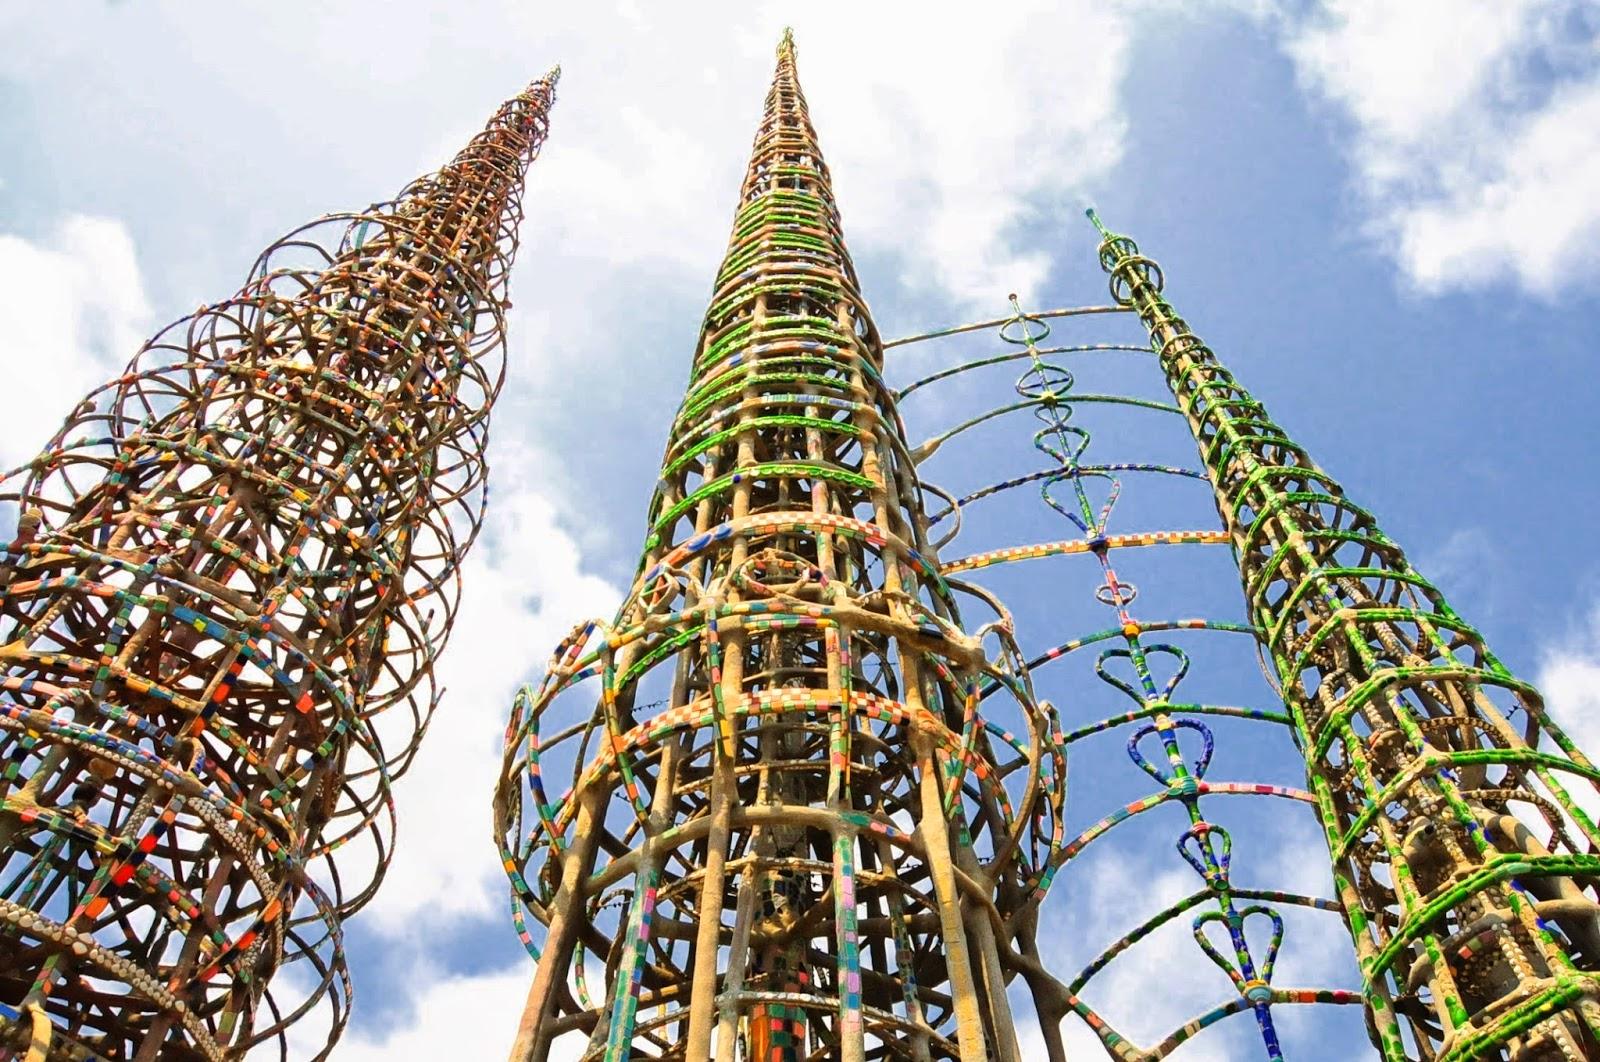 イタリア人移民の情熱、地域の芸術拠点ワッツ・タワー カリフォルニア移民社会見聞録 米国カリフォル